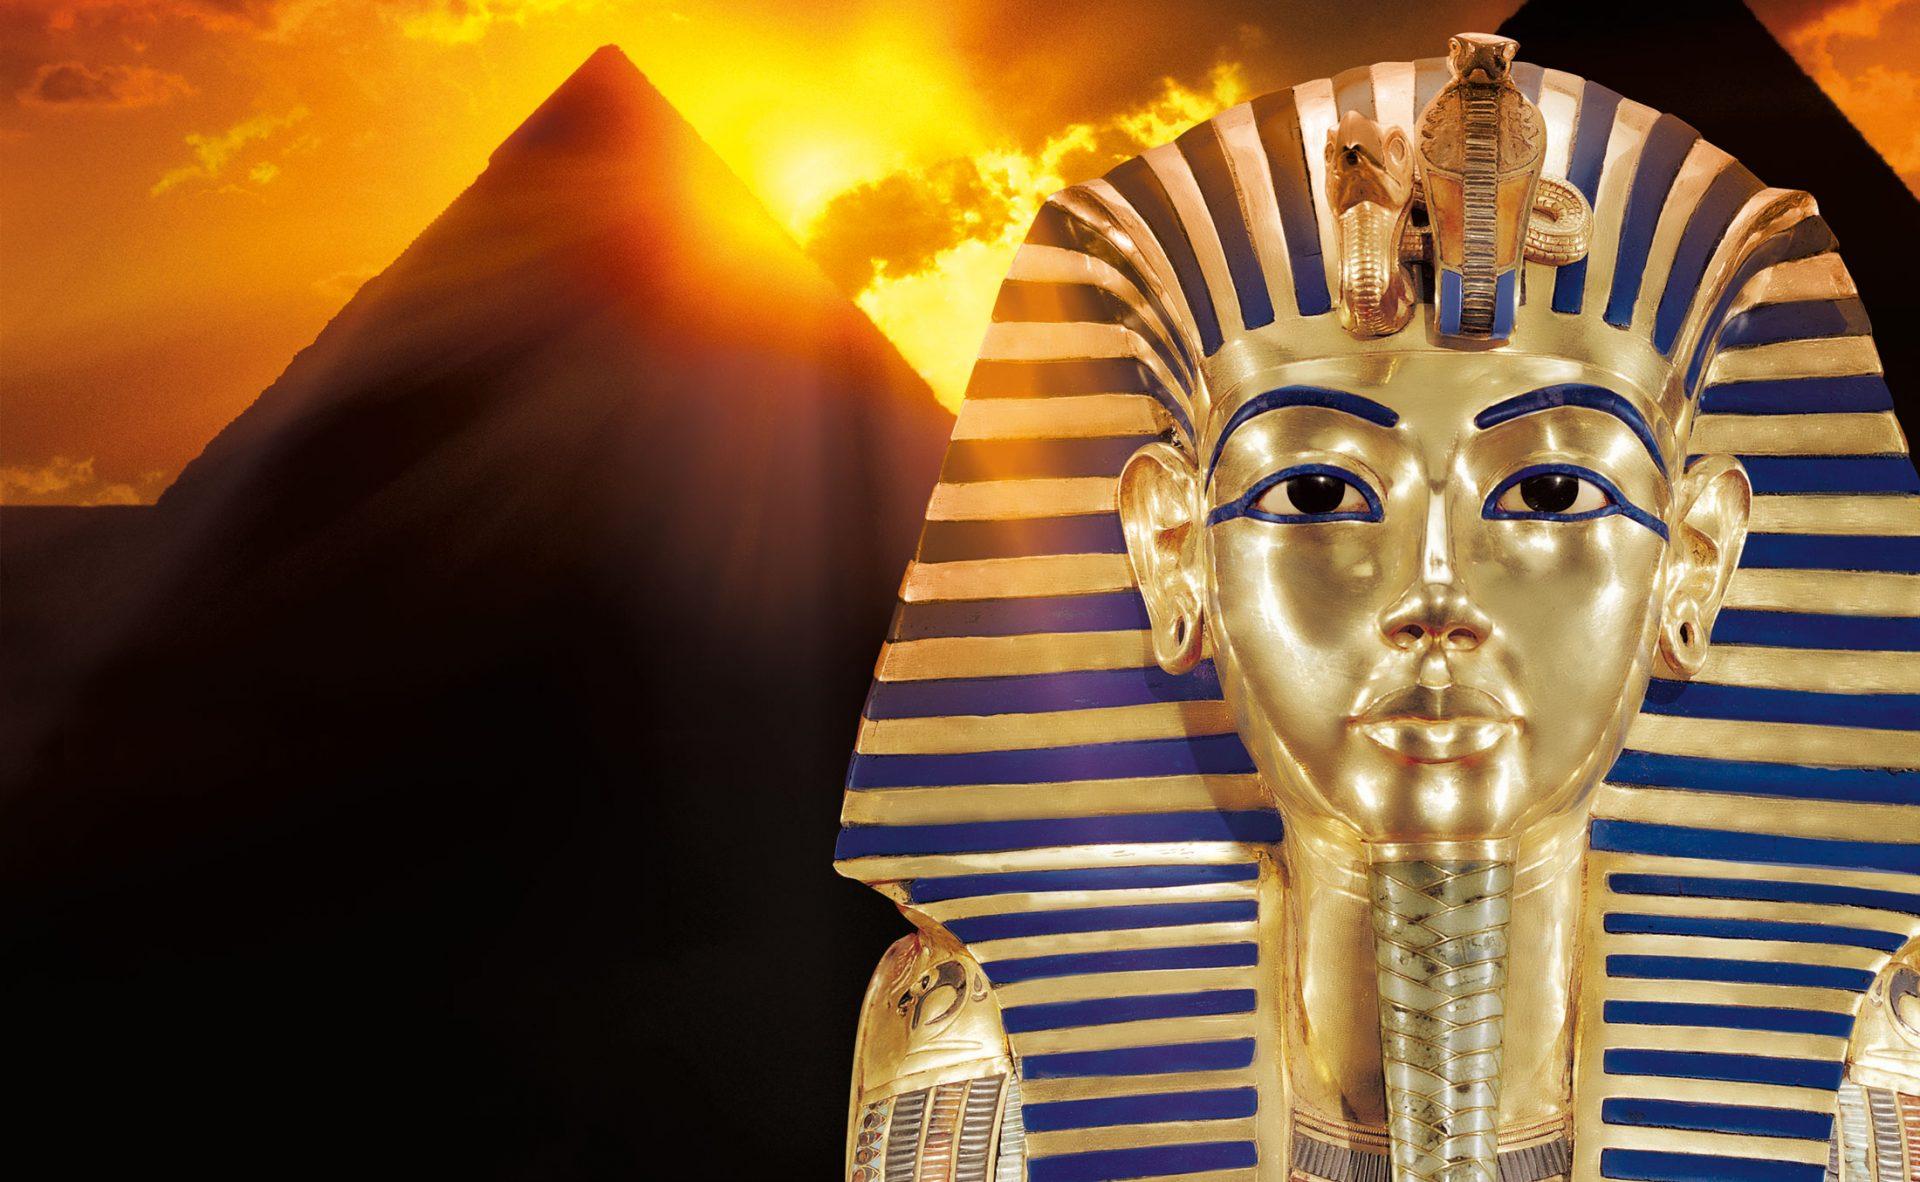 Farao med pyramider i bakgrunn